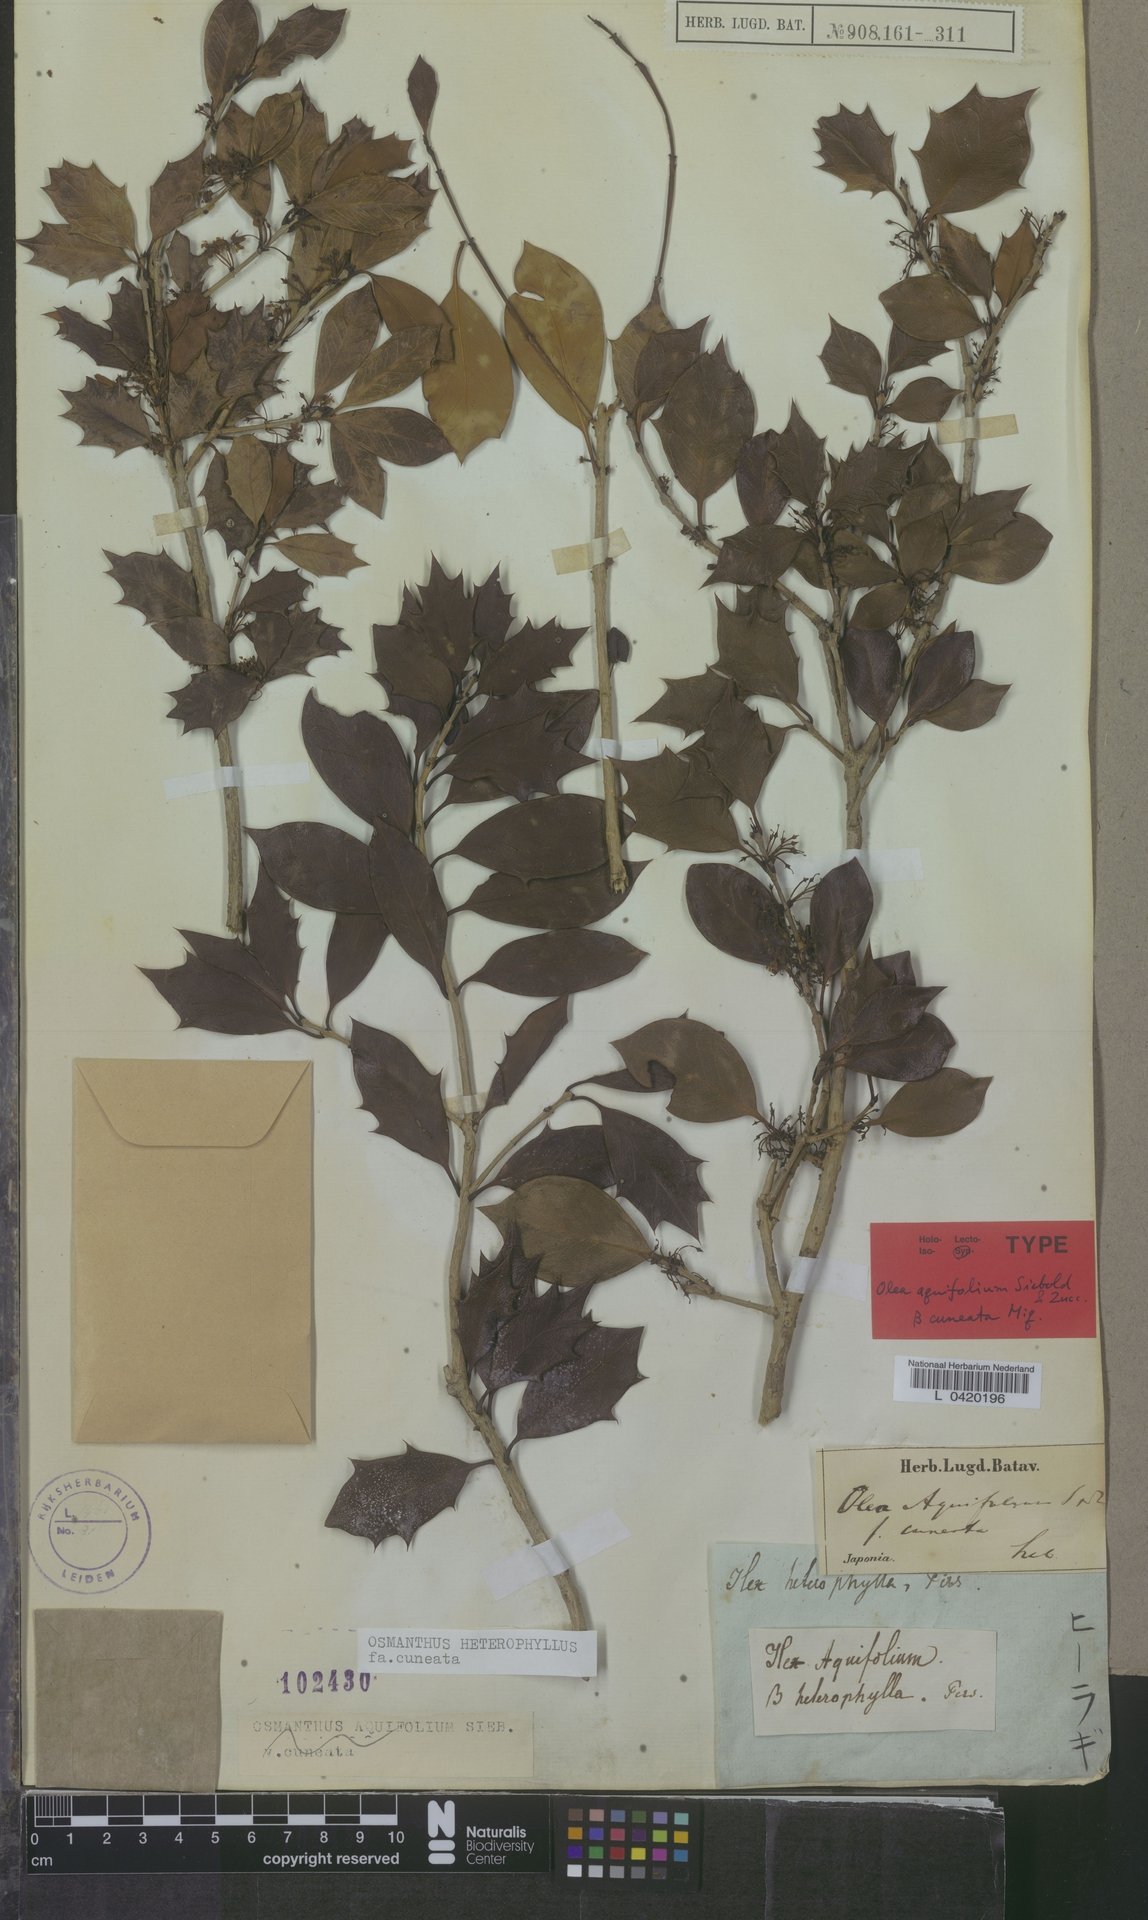 L  0420196   Osmanthus heterophyllus f. cuneata Miq.